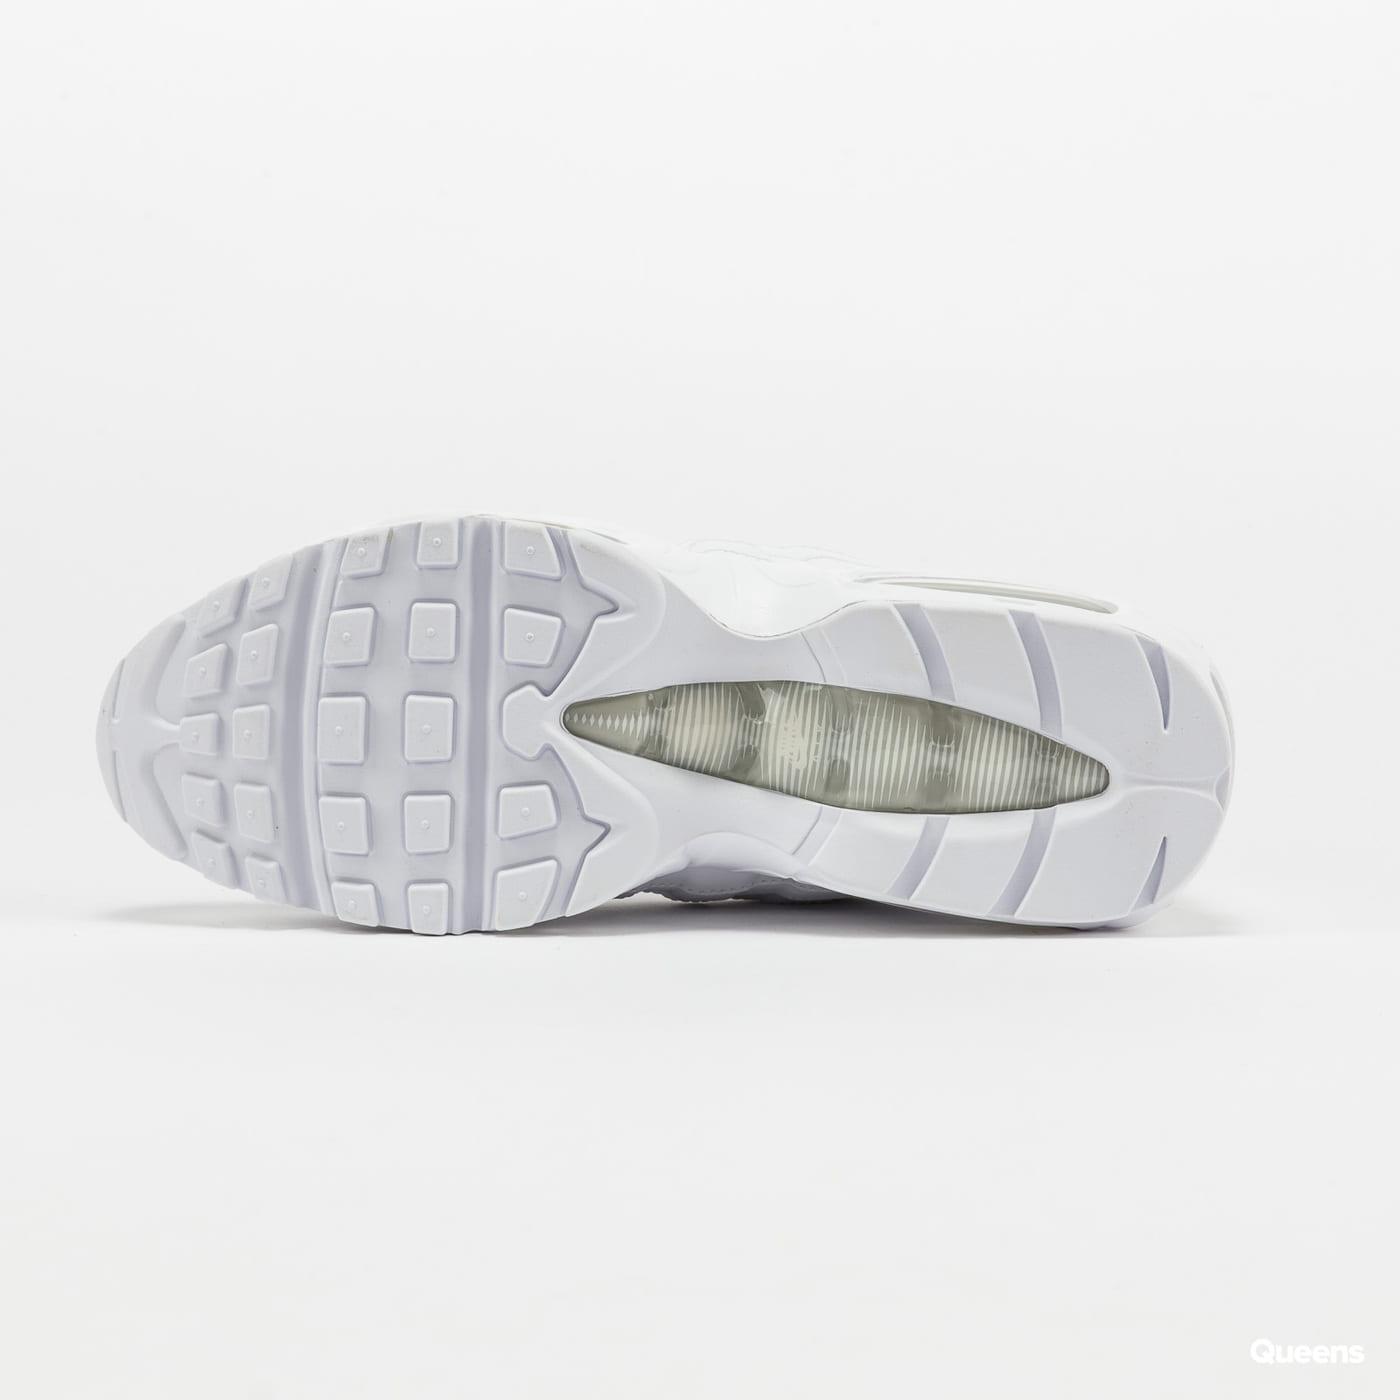 Nike Air Max 95 Essential white / white - grey fog